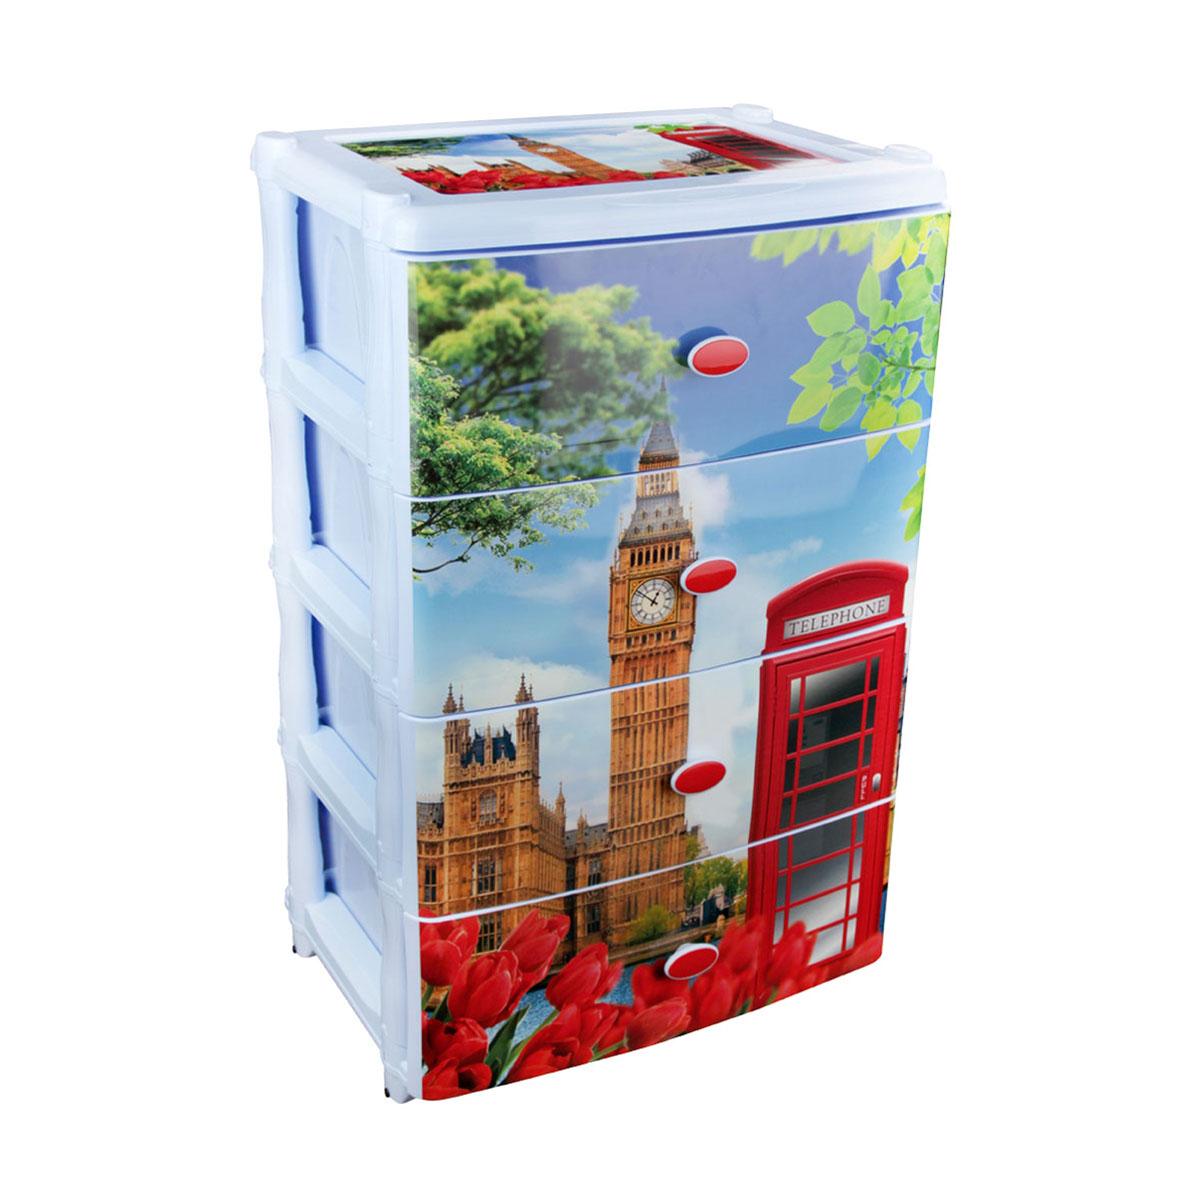 Комод широкий Альтернатива Лондон, 61 см х 41 см х 61 см54 009312Широкий комод Альтернатива Лондон изготовлен из высококачественного экологически безопасного полипропилена. Он предназначен для хранения вещей, детских игрушек, хозяйственных принадлежностей и прочих предметов. Комод состоит из четырех вместительных выдвижных ящиков с ручками и оснащен четырьмя ножками. Комод Альтернатива Лондон надежно защитит ваши вещи от загрязнений, пыли и моли, а также позволит вам хранить их компактно и с удобством. Размер ящика: 37 см х 30 см х 17 см.